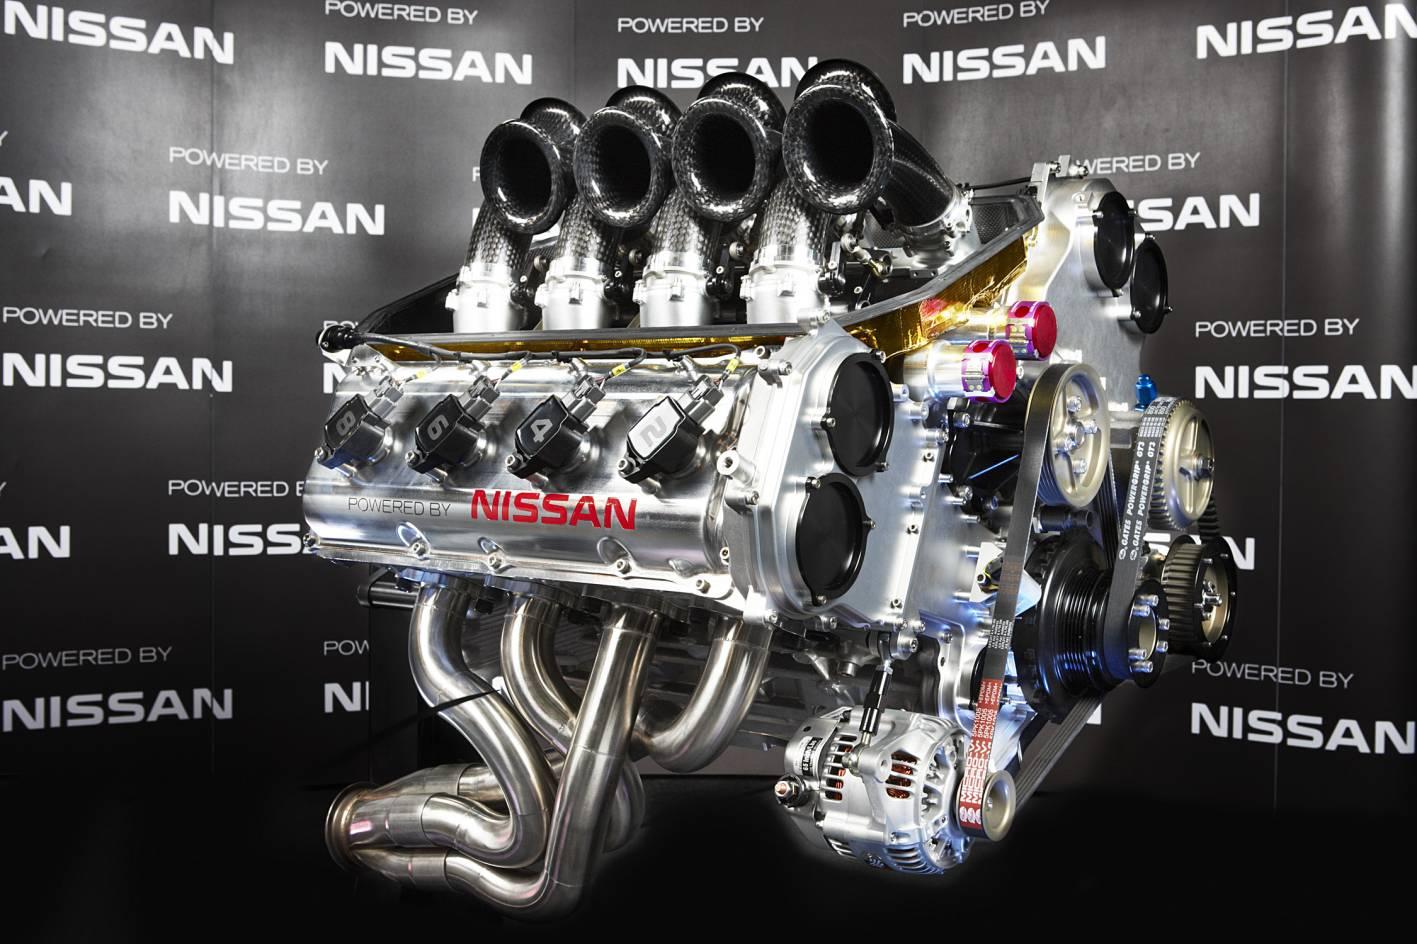 Η Nissan αδειοδότησε την HELLER, στην χρήση της τεχνολογίας για την κατασκευή κινητήρων υψηλής ενεργειακής απόδοσης